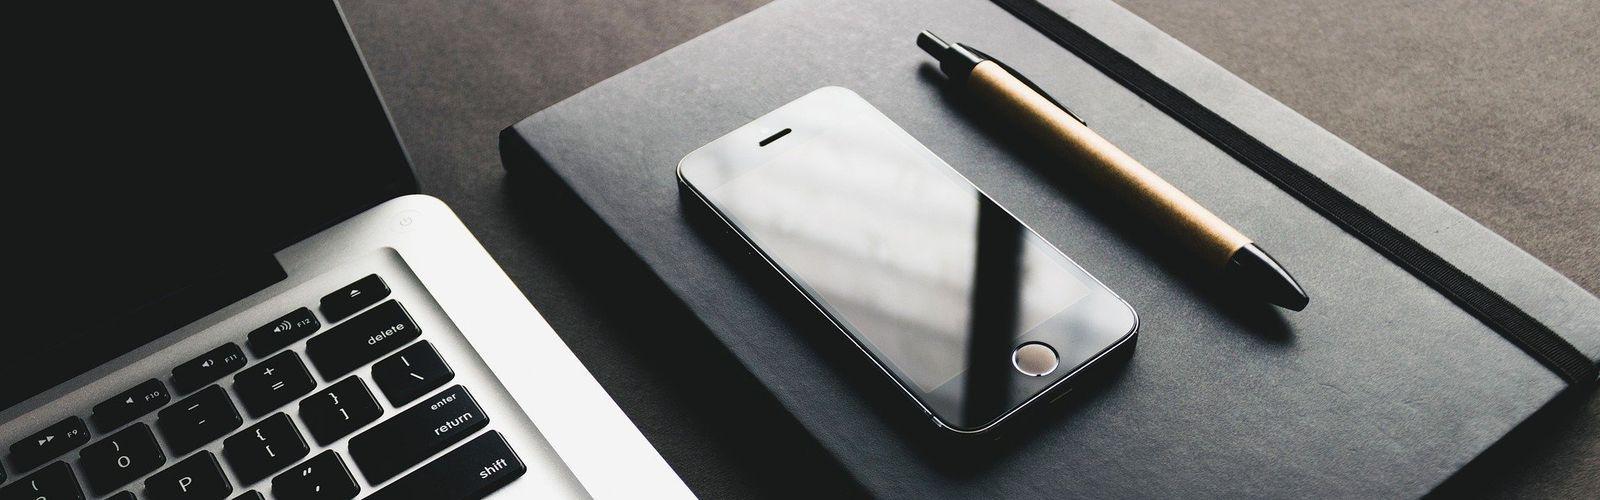 Zdjęcie przedstawia komputer, notatnik, telefon oraz długopis.